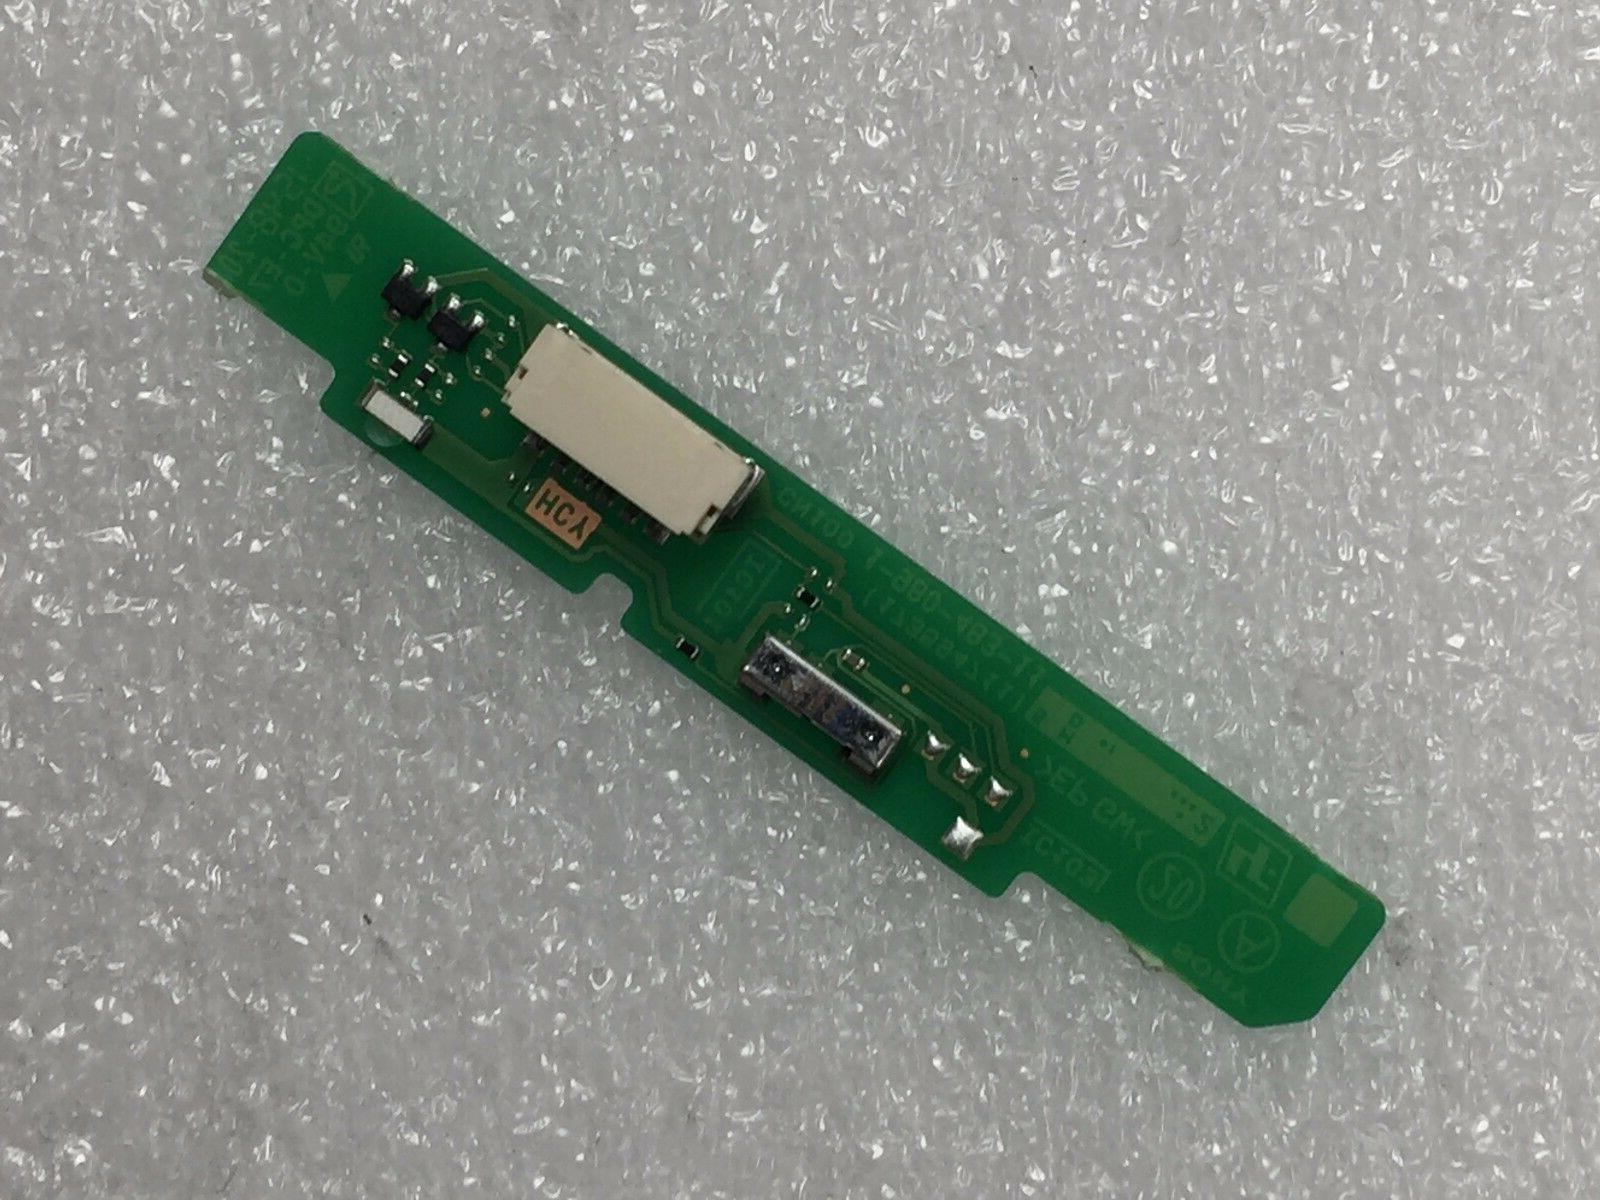 Sony KDL-32W600D KDL-40W650D KDL-48W650D IR Sensor 1-980-483